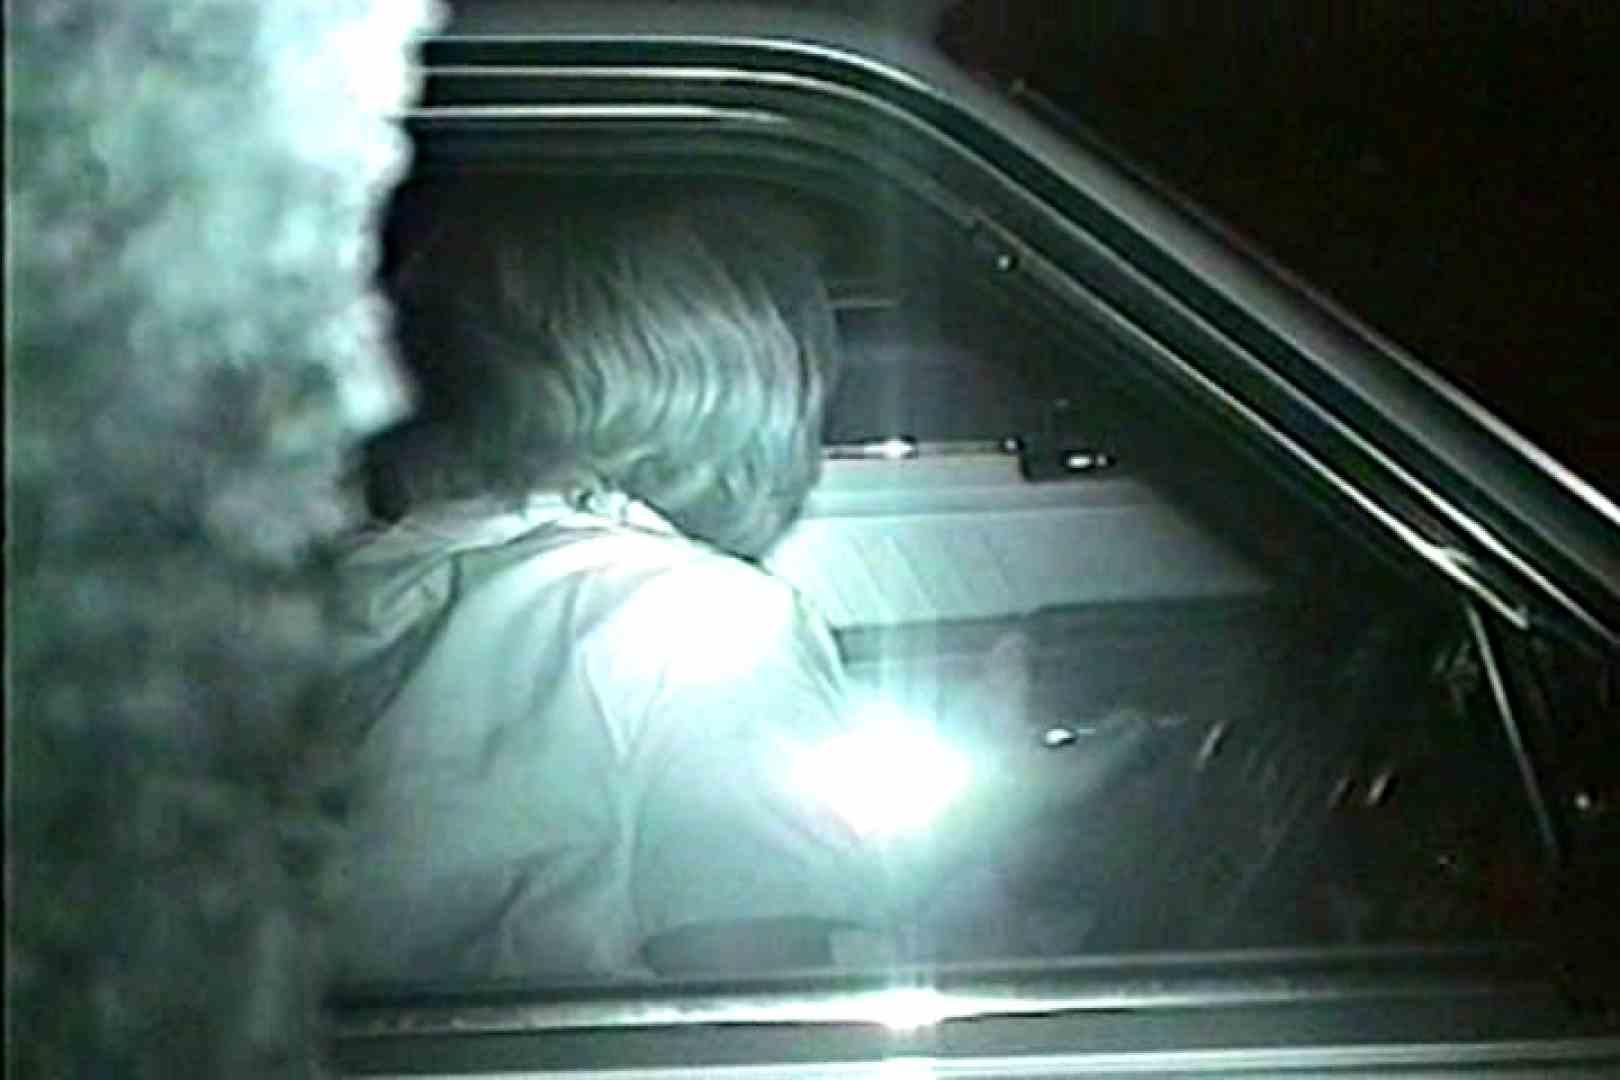 車の中はラブホテル 無修正版  Vol.6 赤外線 盗撮動画紹介 104pic 29